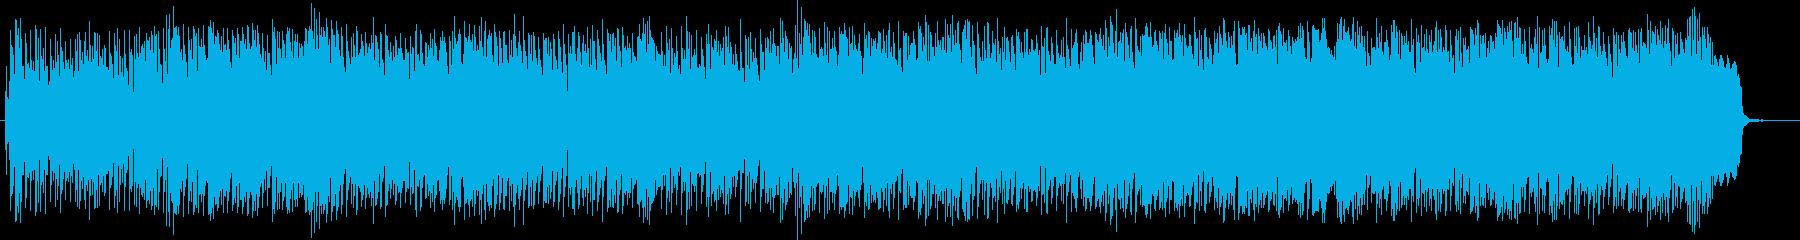 煌びやかでリズミカルなドラムポップスの再生済みの波形